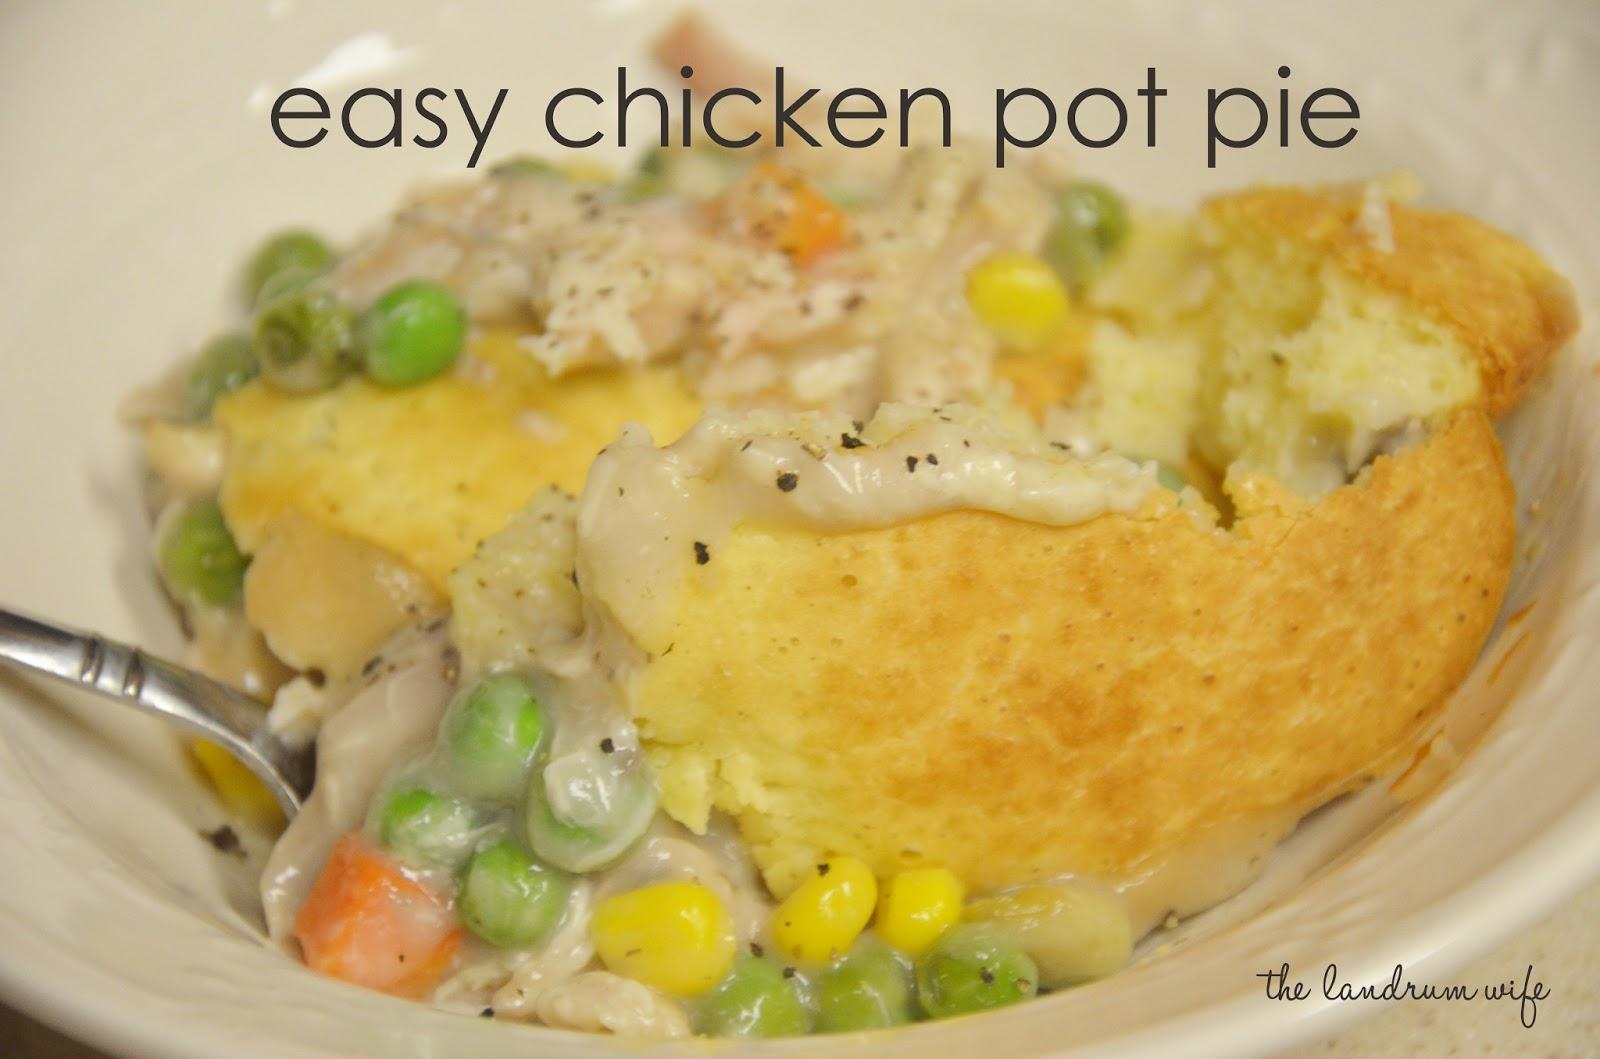 ... easy chicken pot pie how i m serving super easy chicken pot pie from